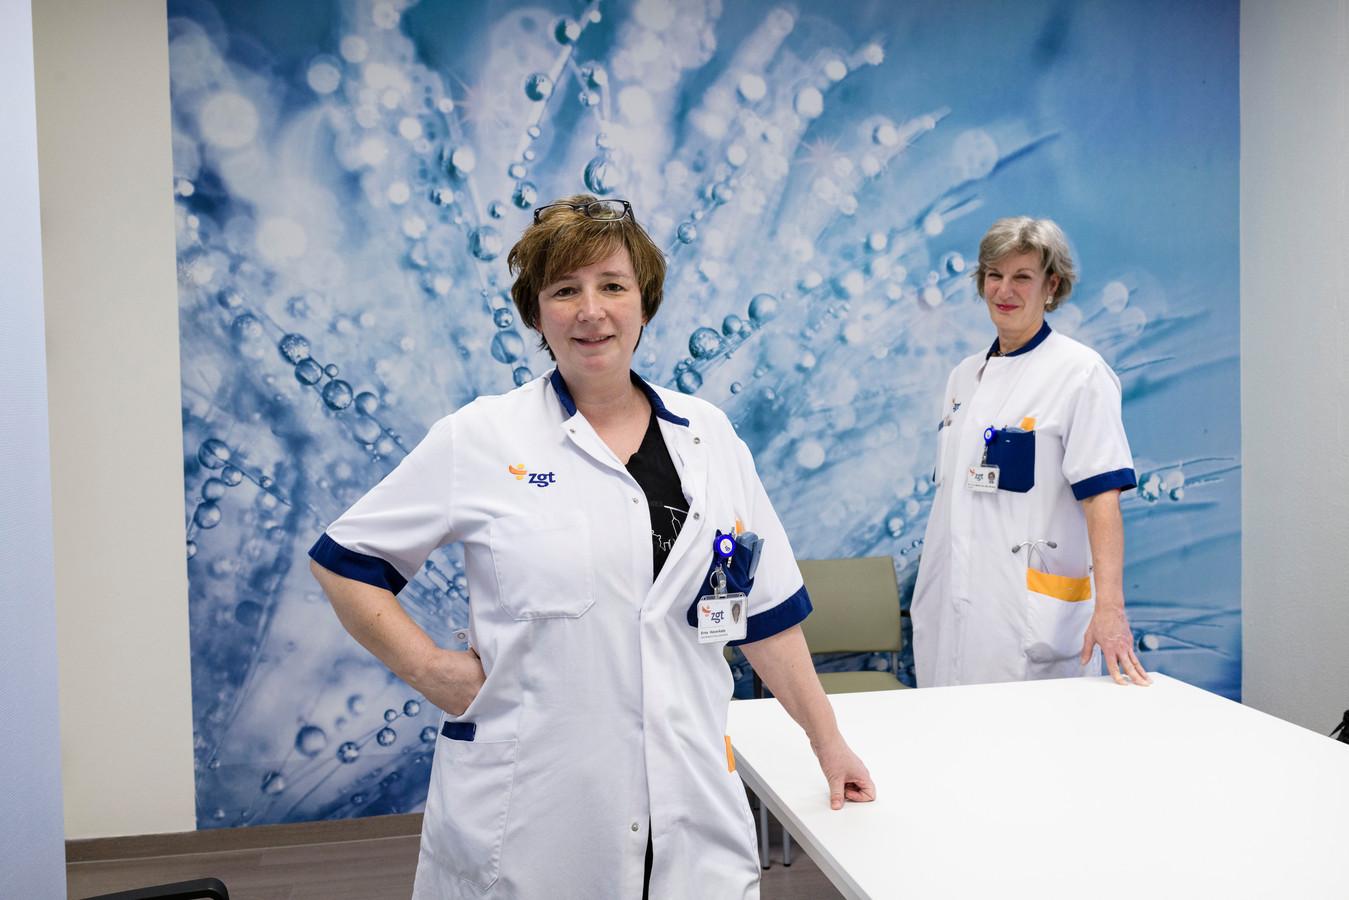 Longspecialisten Jeske Staal en Erna Haverkate (l)